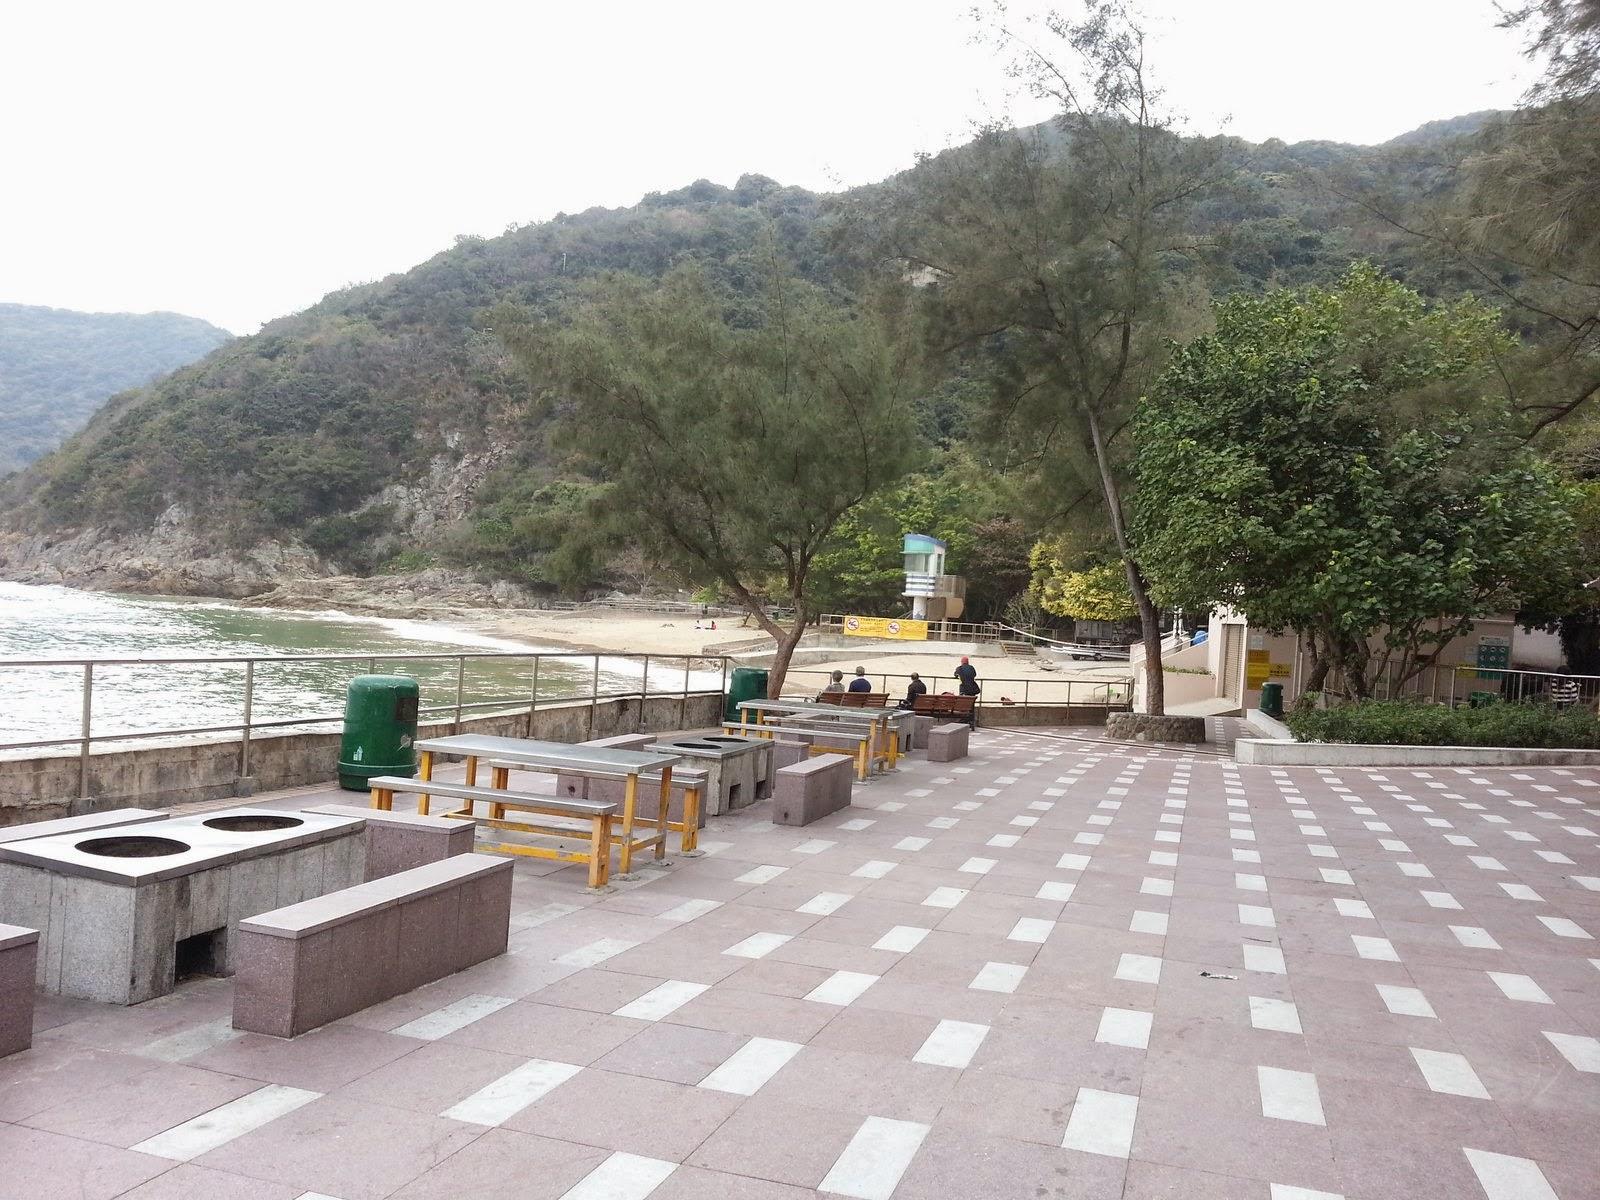 晴: BBQ@清水灣一灘燒烤場 (21-Mar-15)